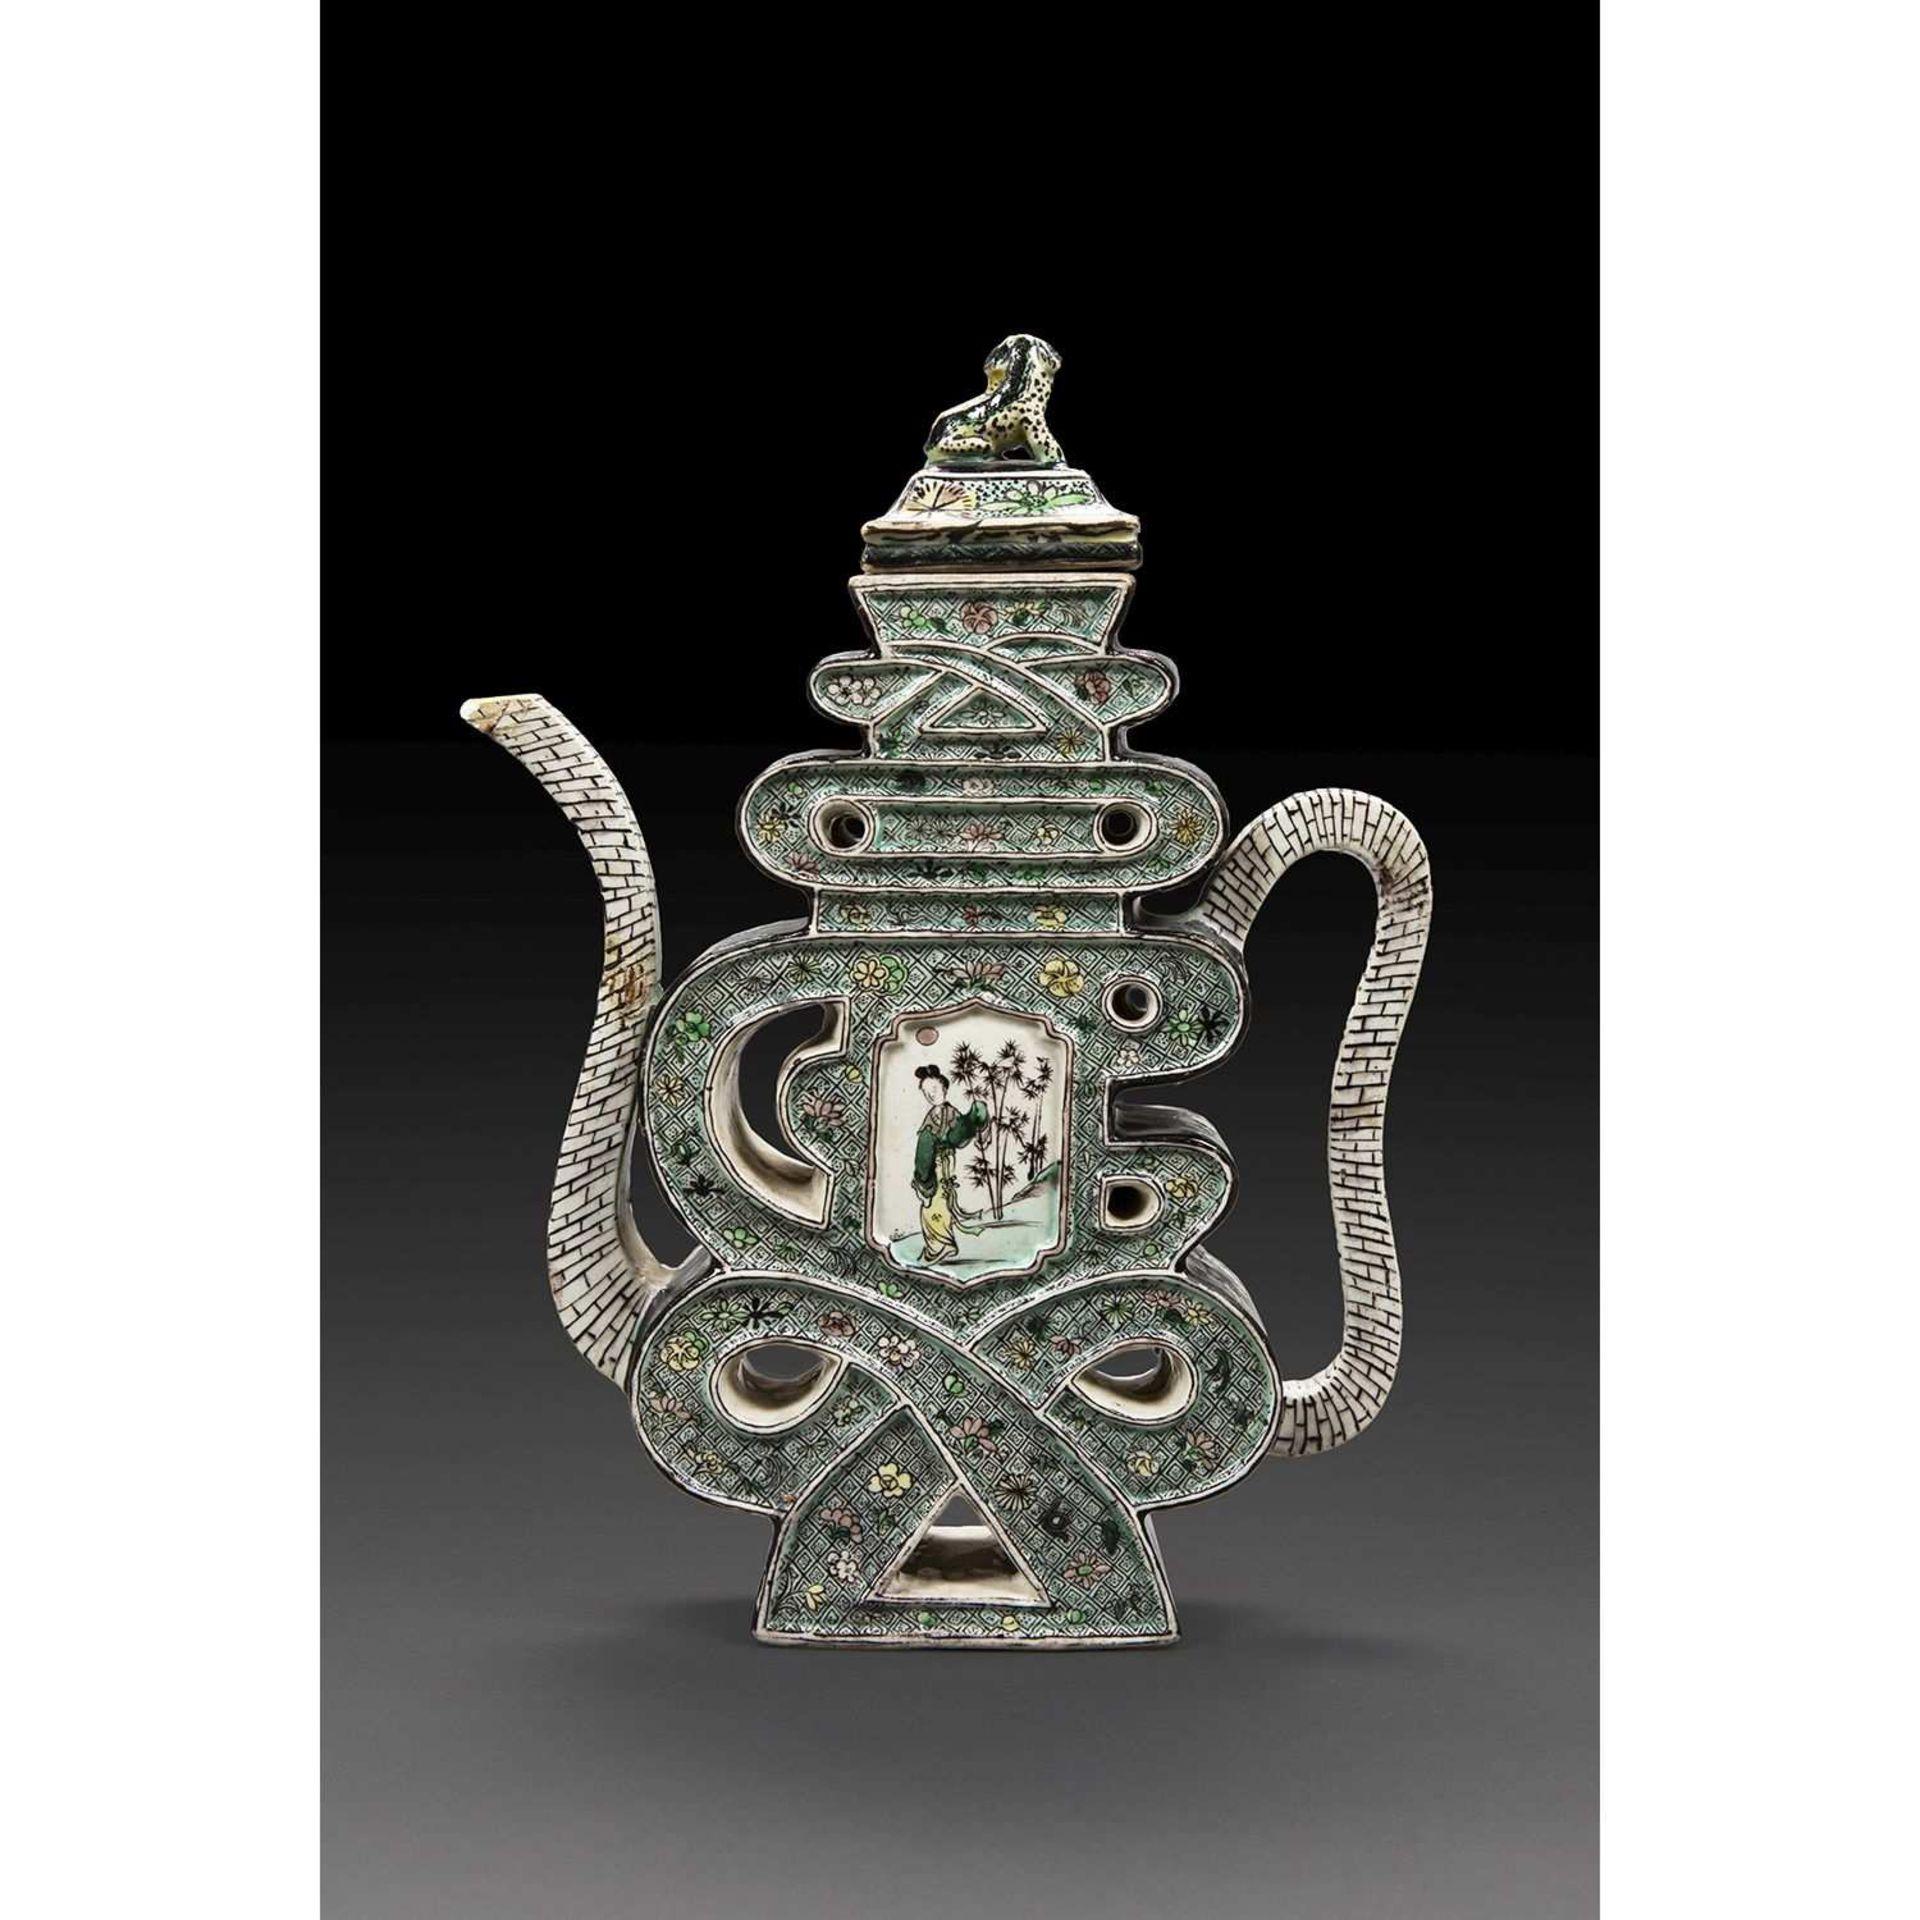 VERSEUSE COUVERTE en porcelaine et émaux polychromes dans le style de la famille verte, en forme